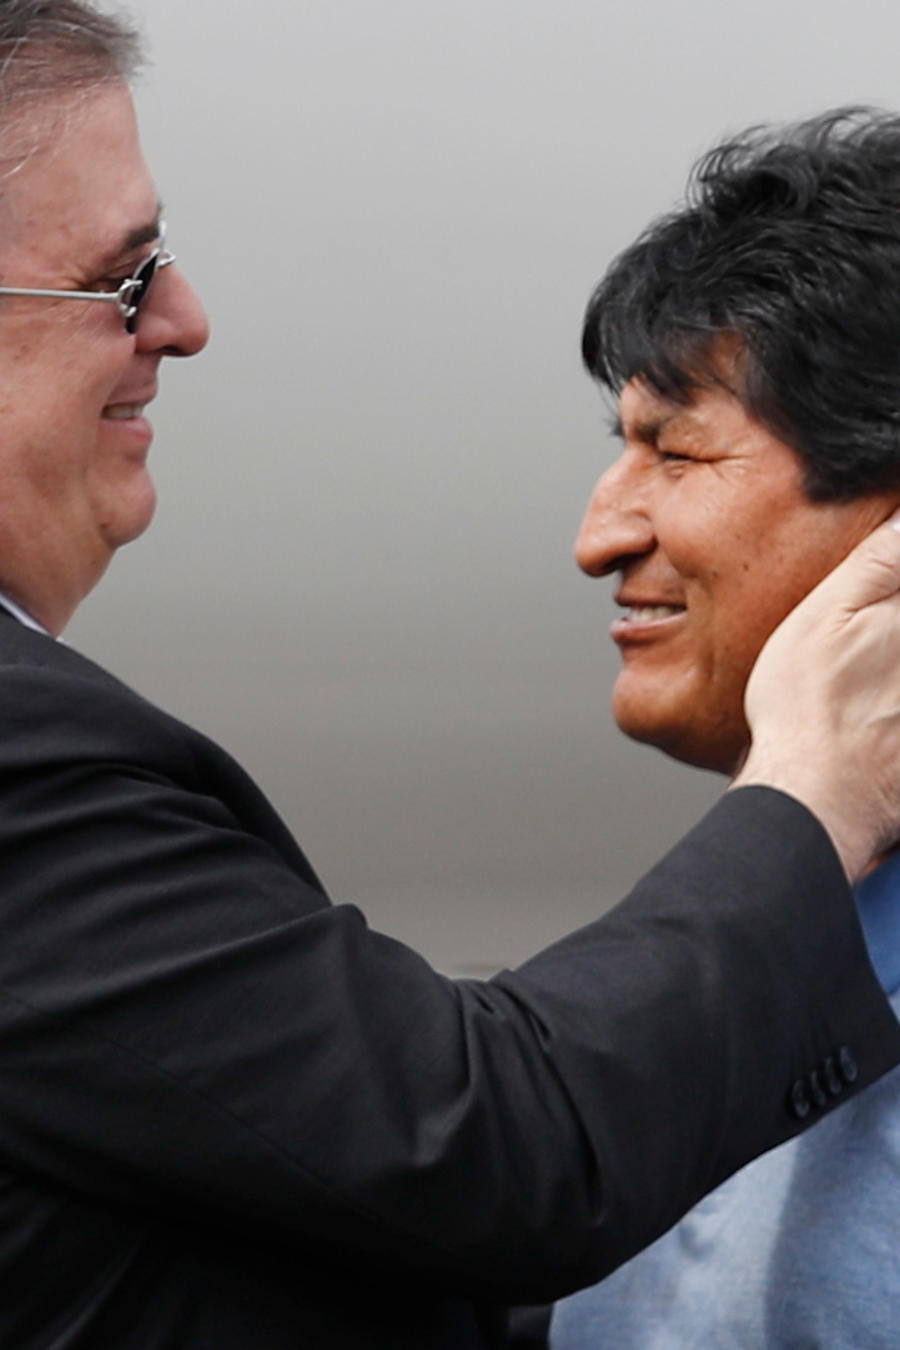 El canciller mexicano, Marcelo Ebrard, recibió este martes a Evo Morales en México